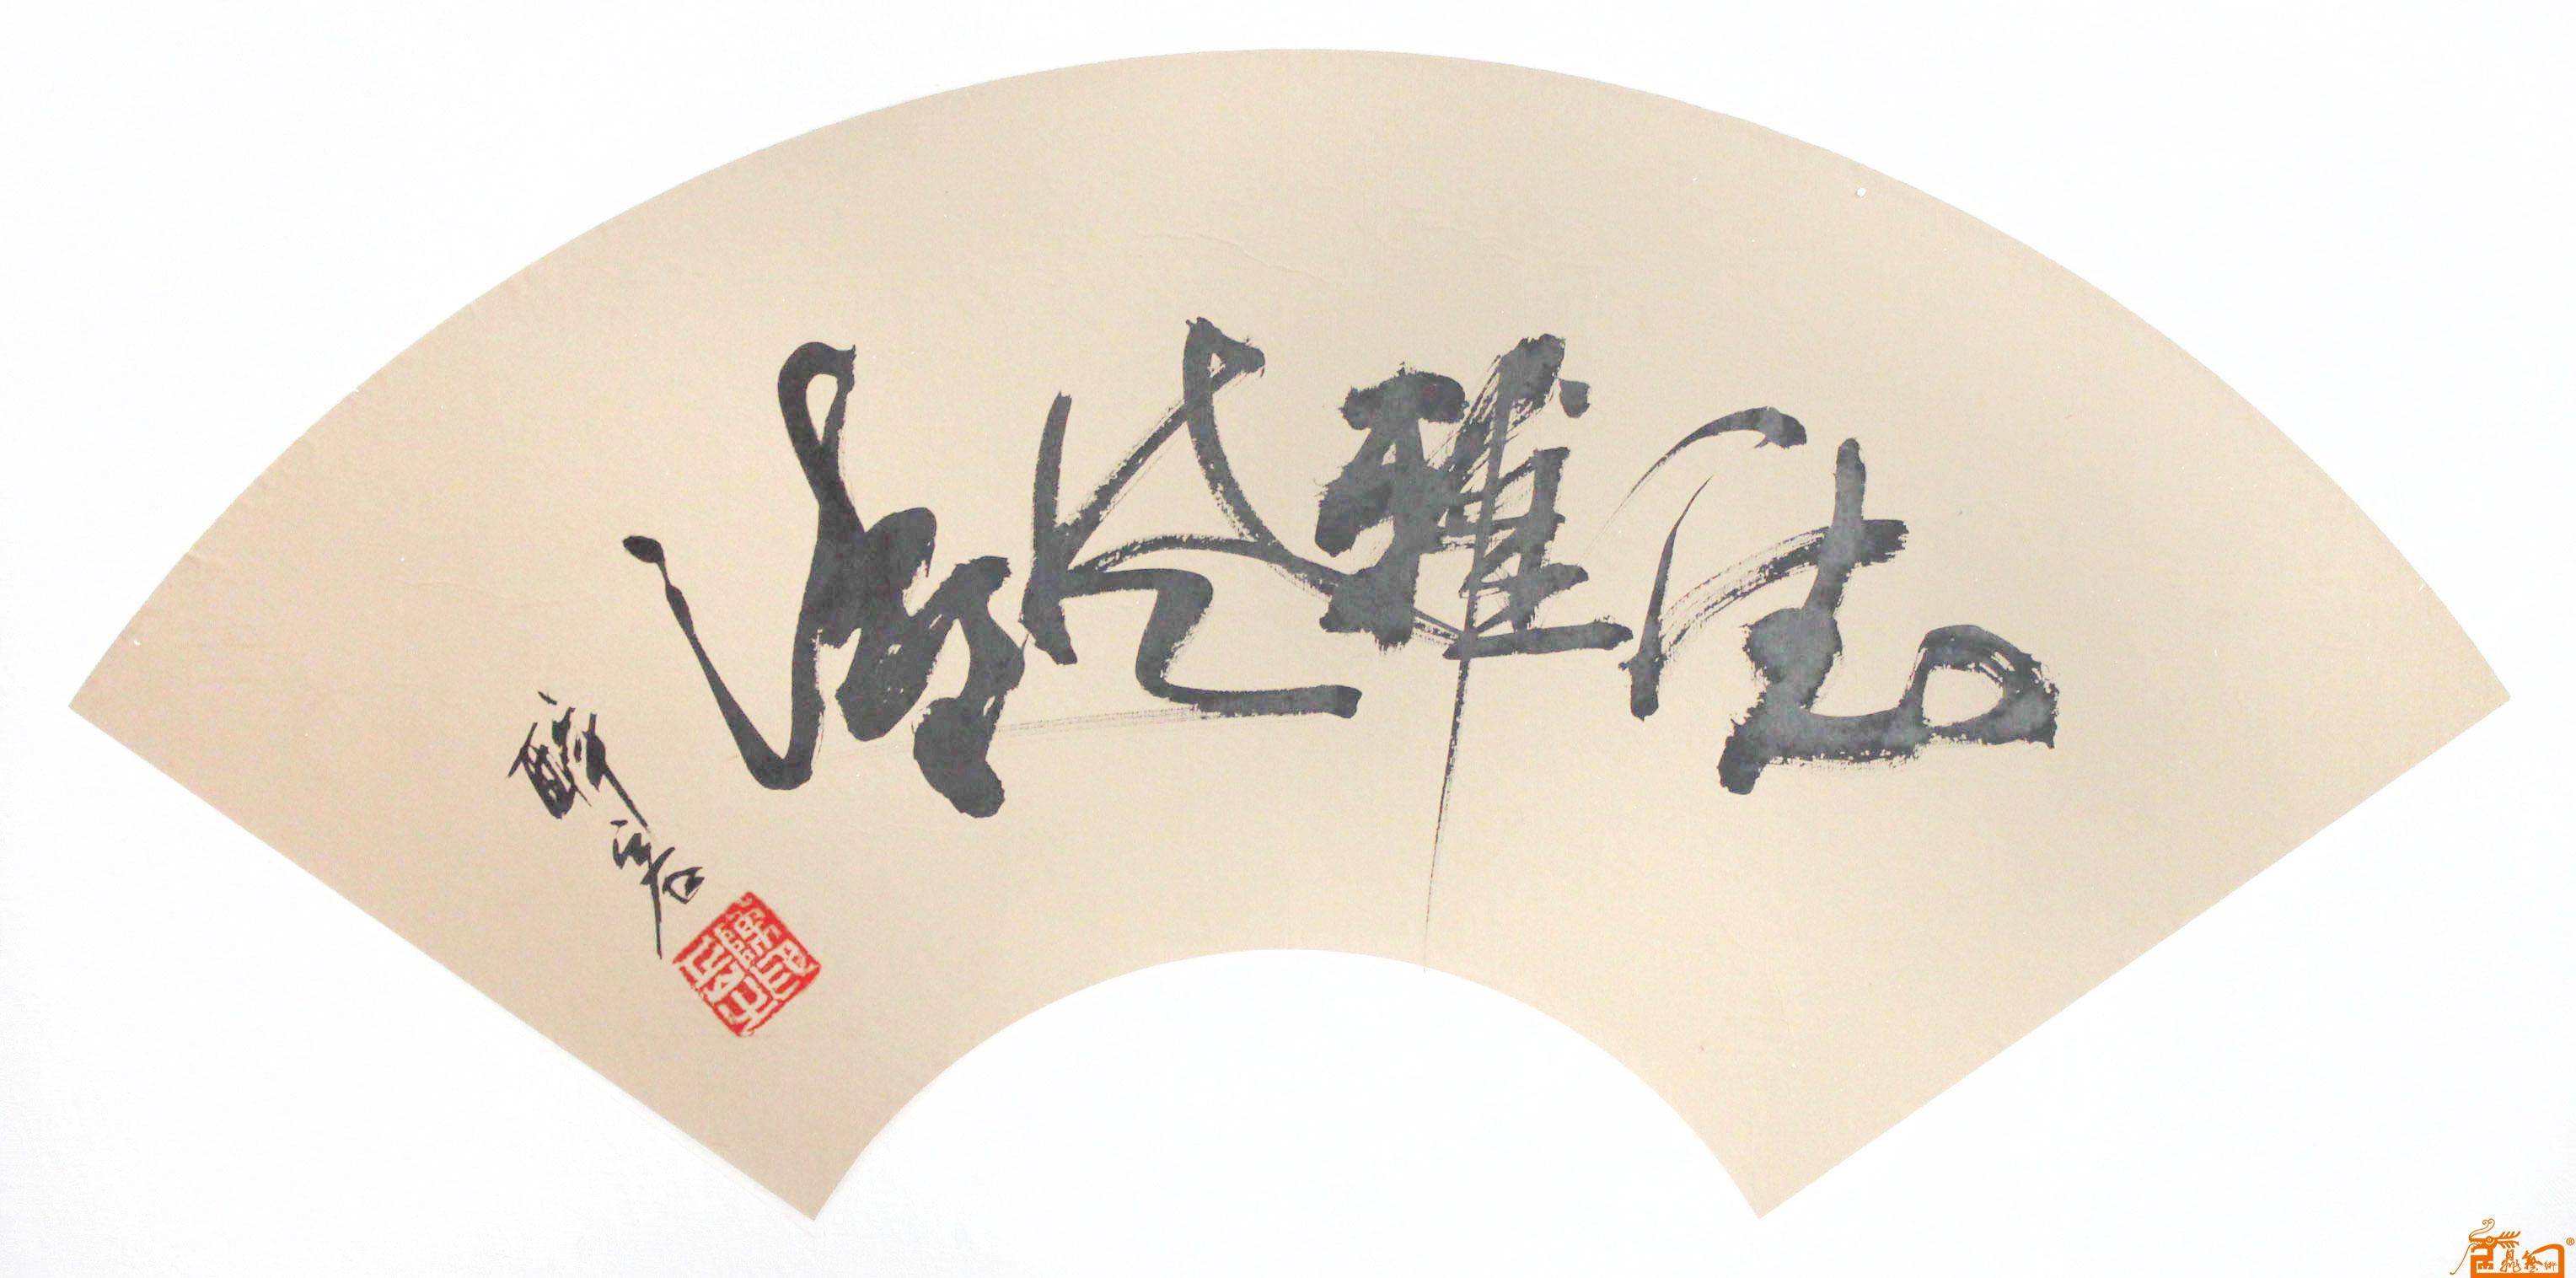 名家 陈岳 书法 - 作品189图片